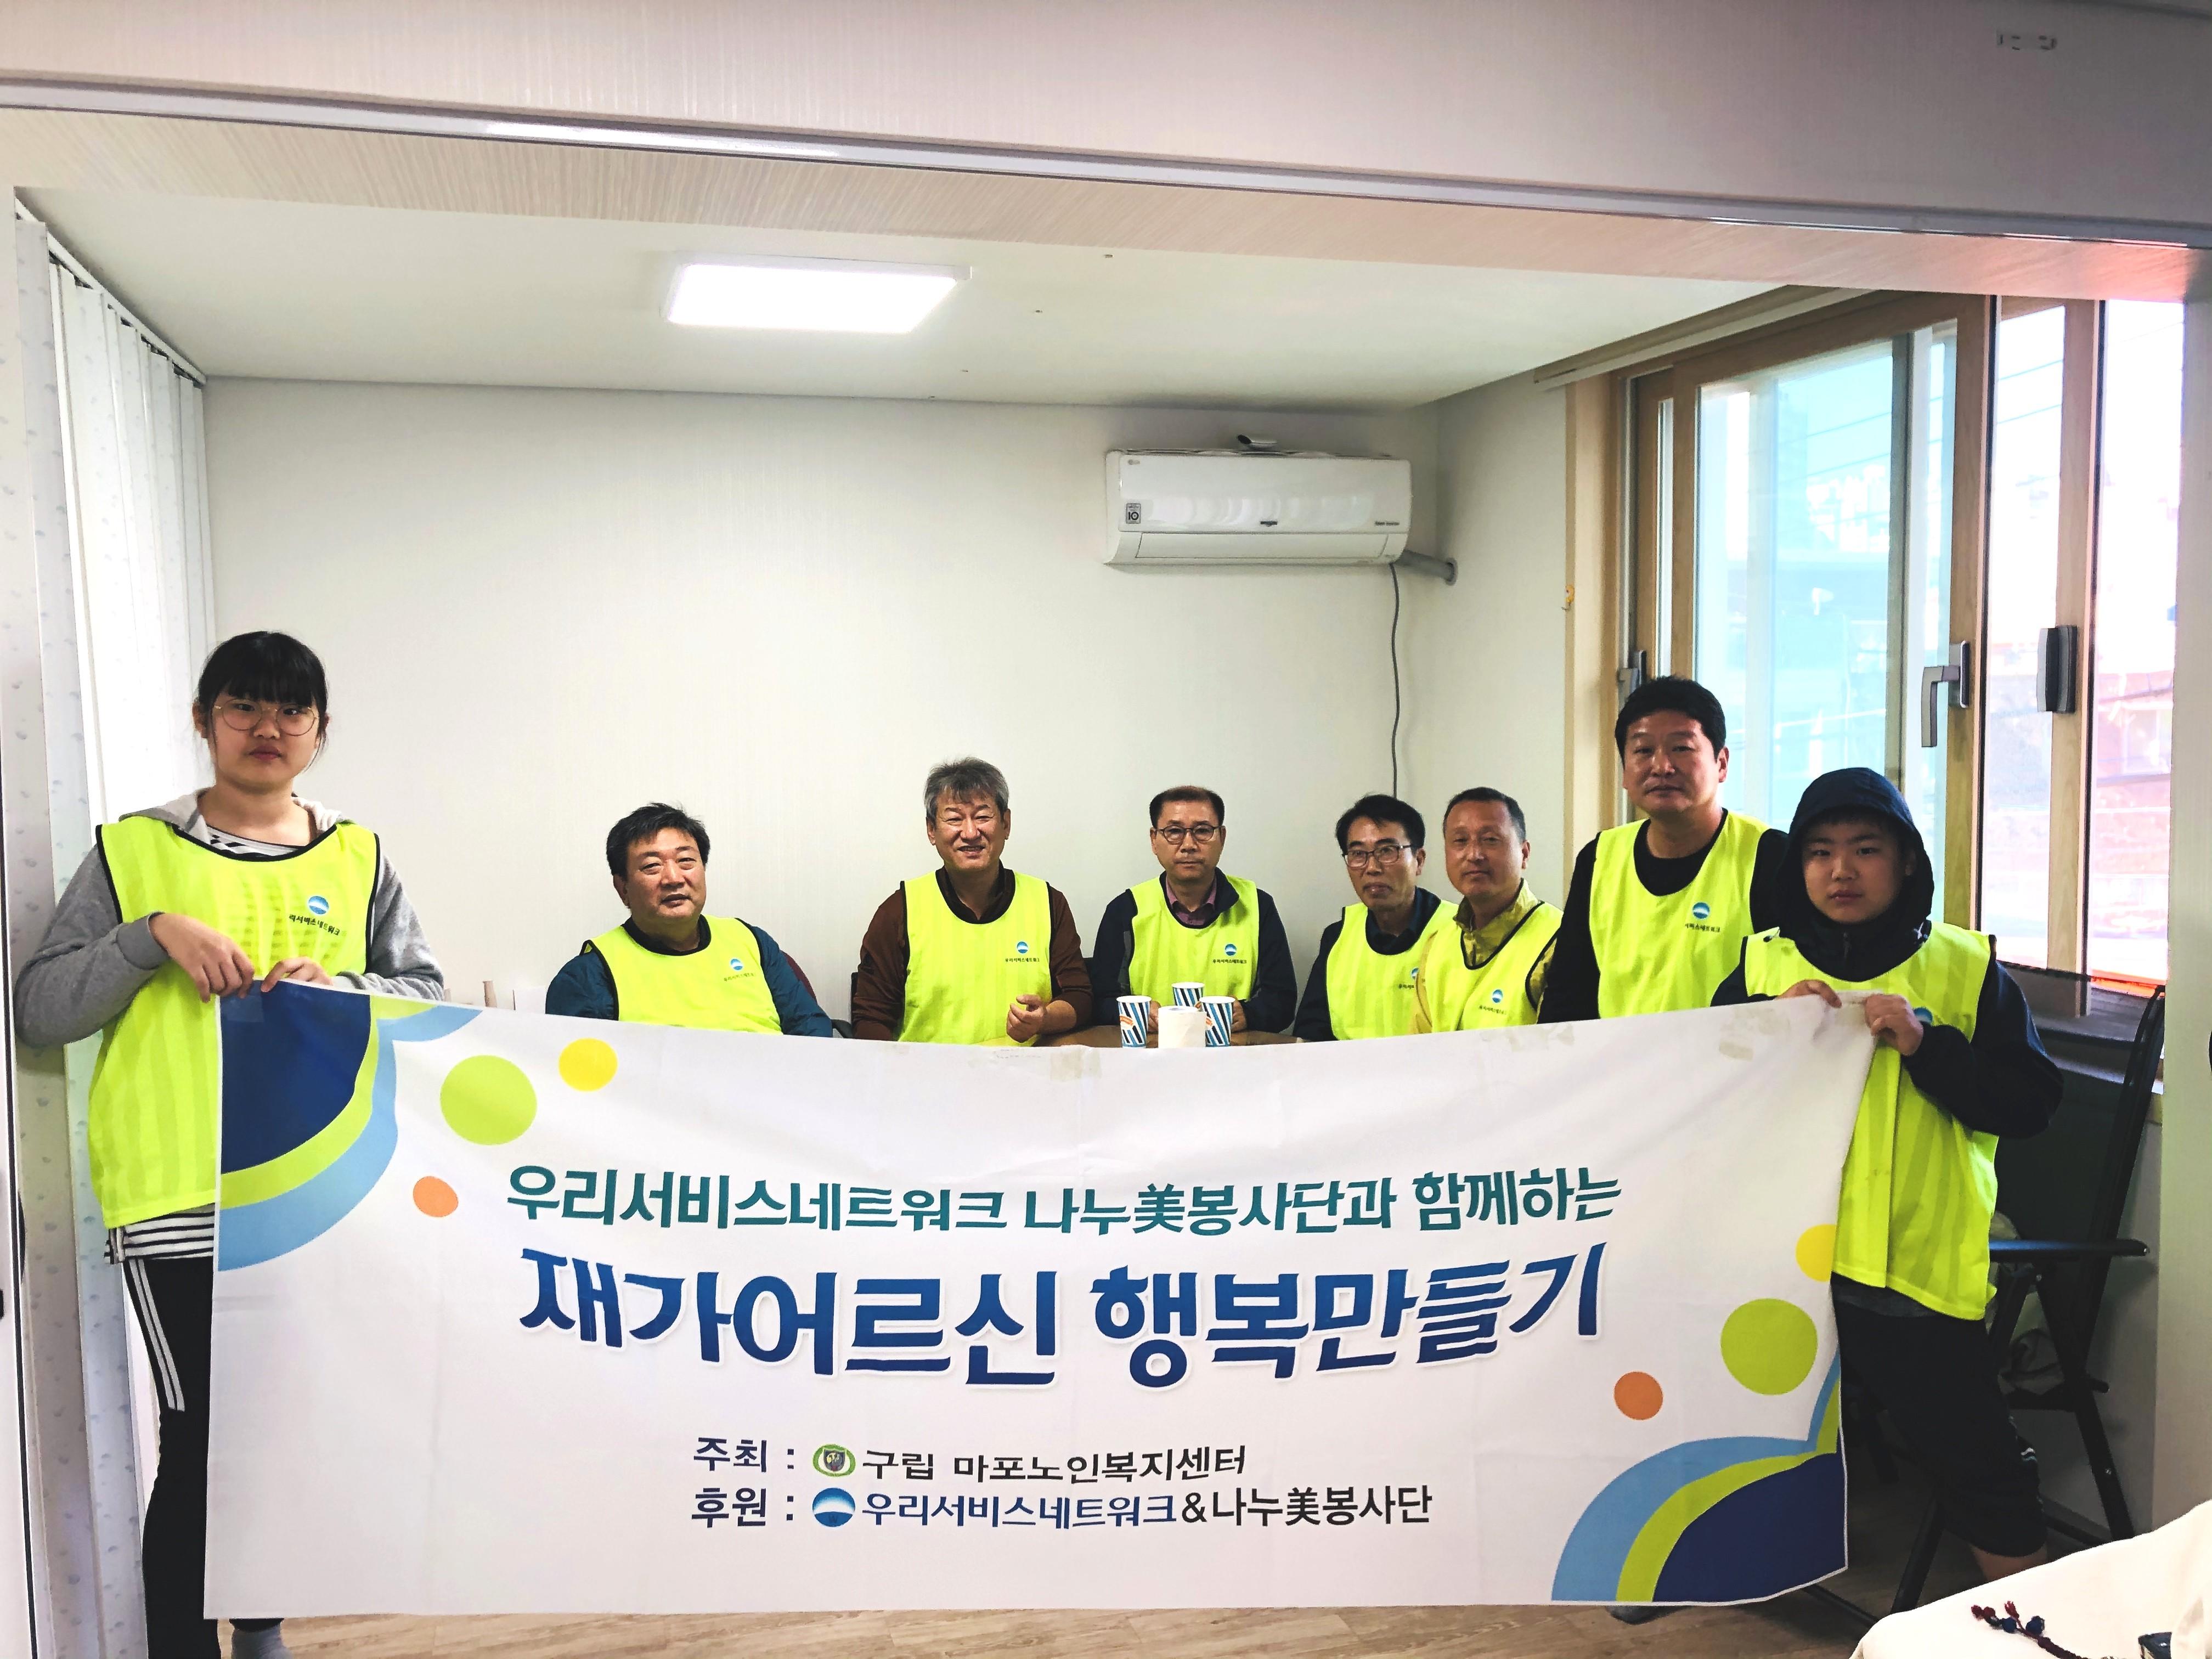 [재가지원]2019년 우리서비스네트워크 나누美봉사단과 함께하는 7차 재가어르신 행복만들기